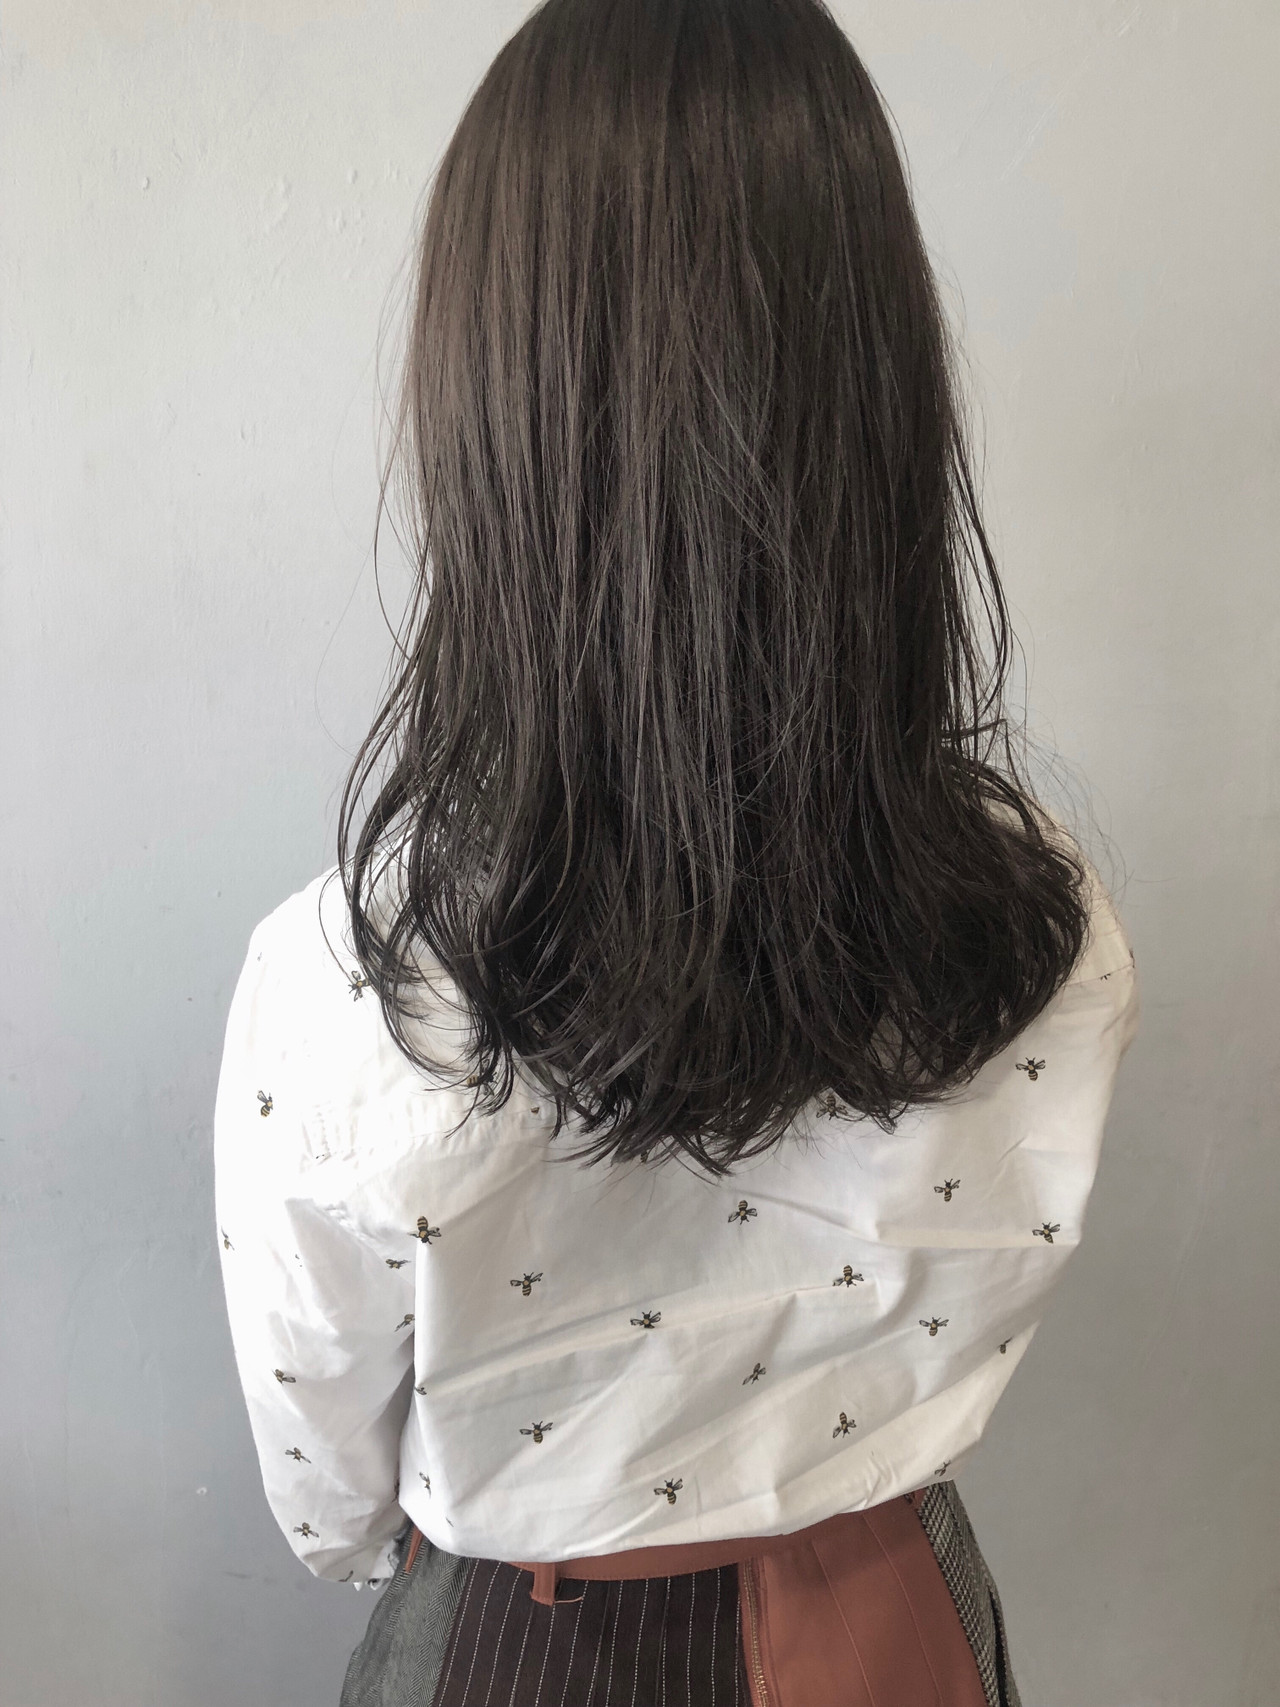 ナチュラル ブルーアッシュ ブルージュ 就活 ヘアスタイルや髪型の写真・画像 | koki / LAND